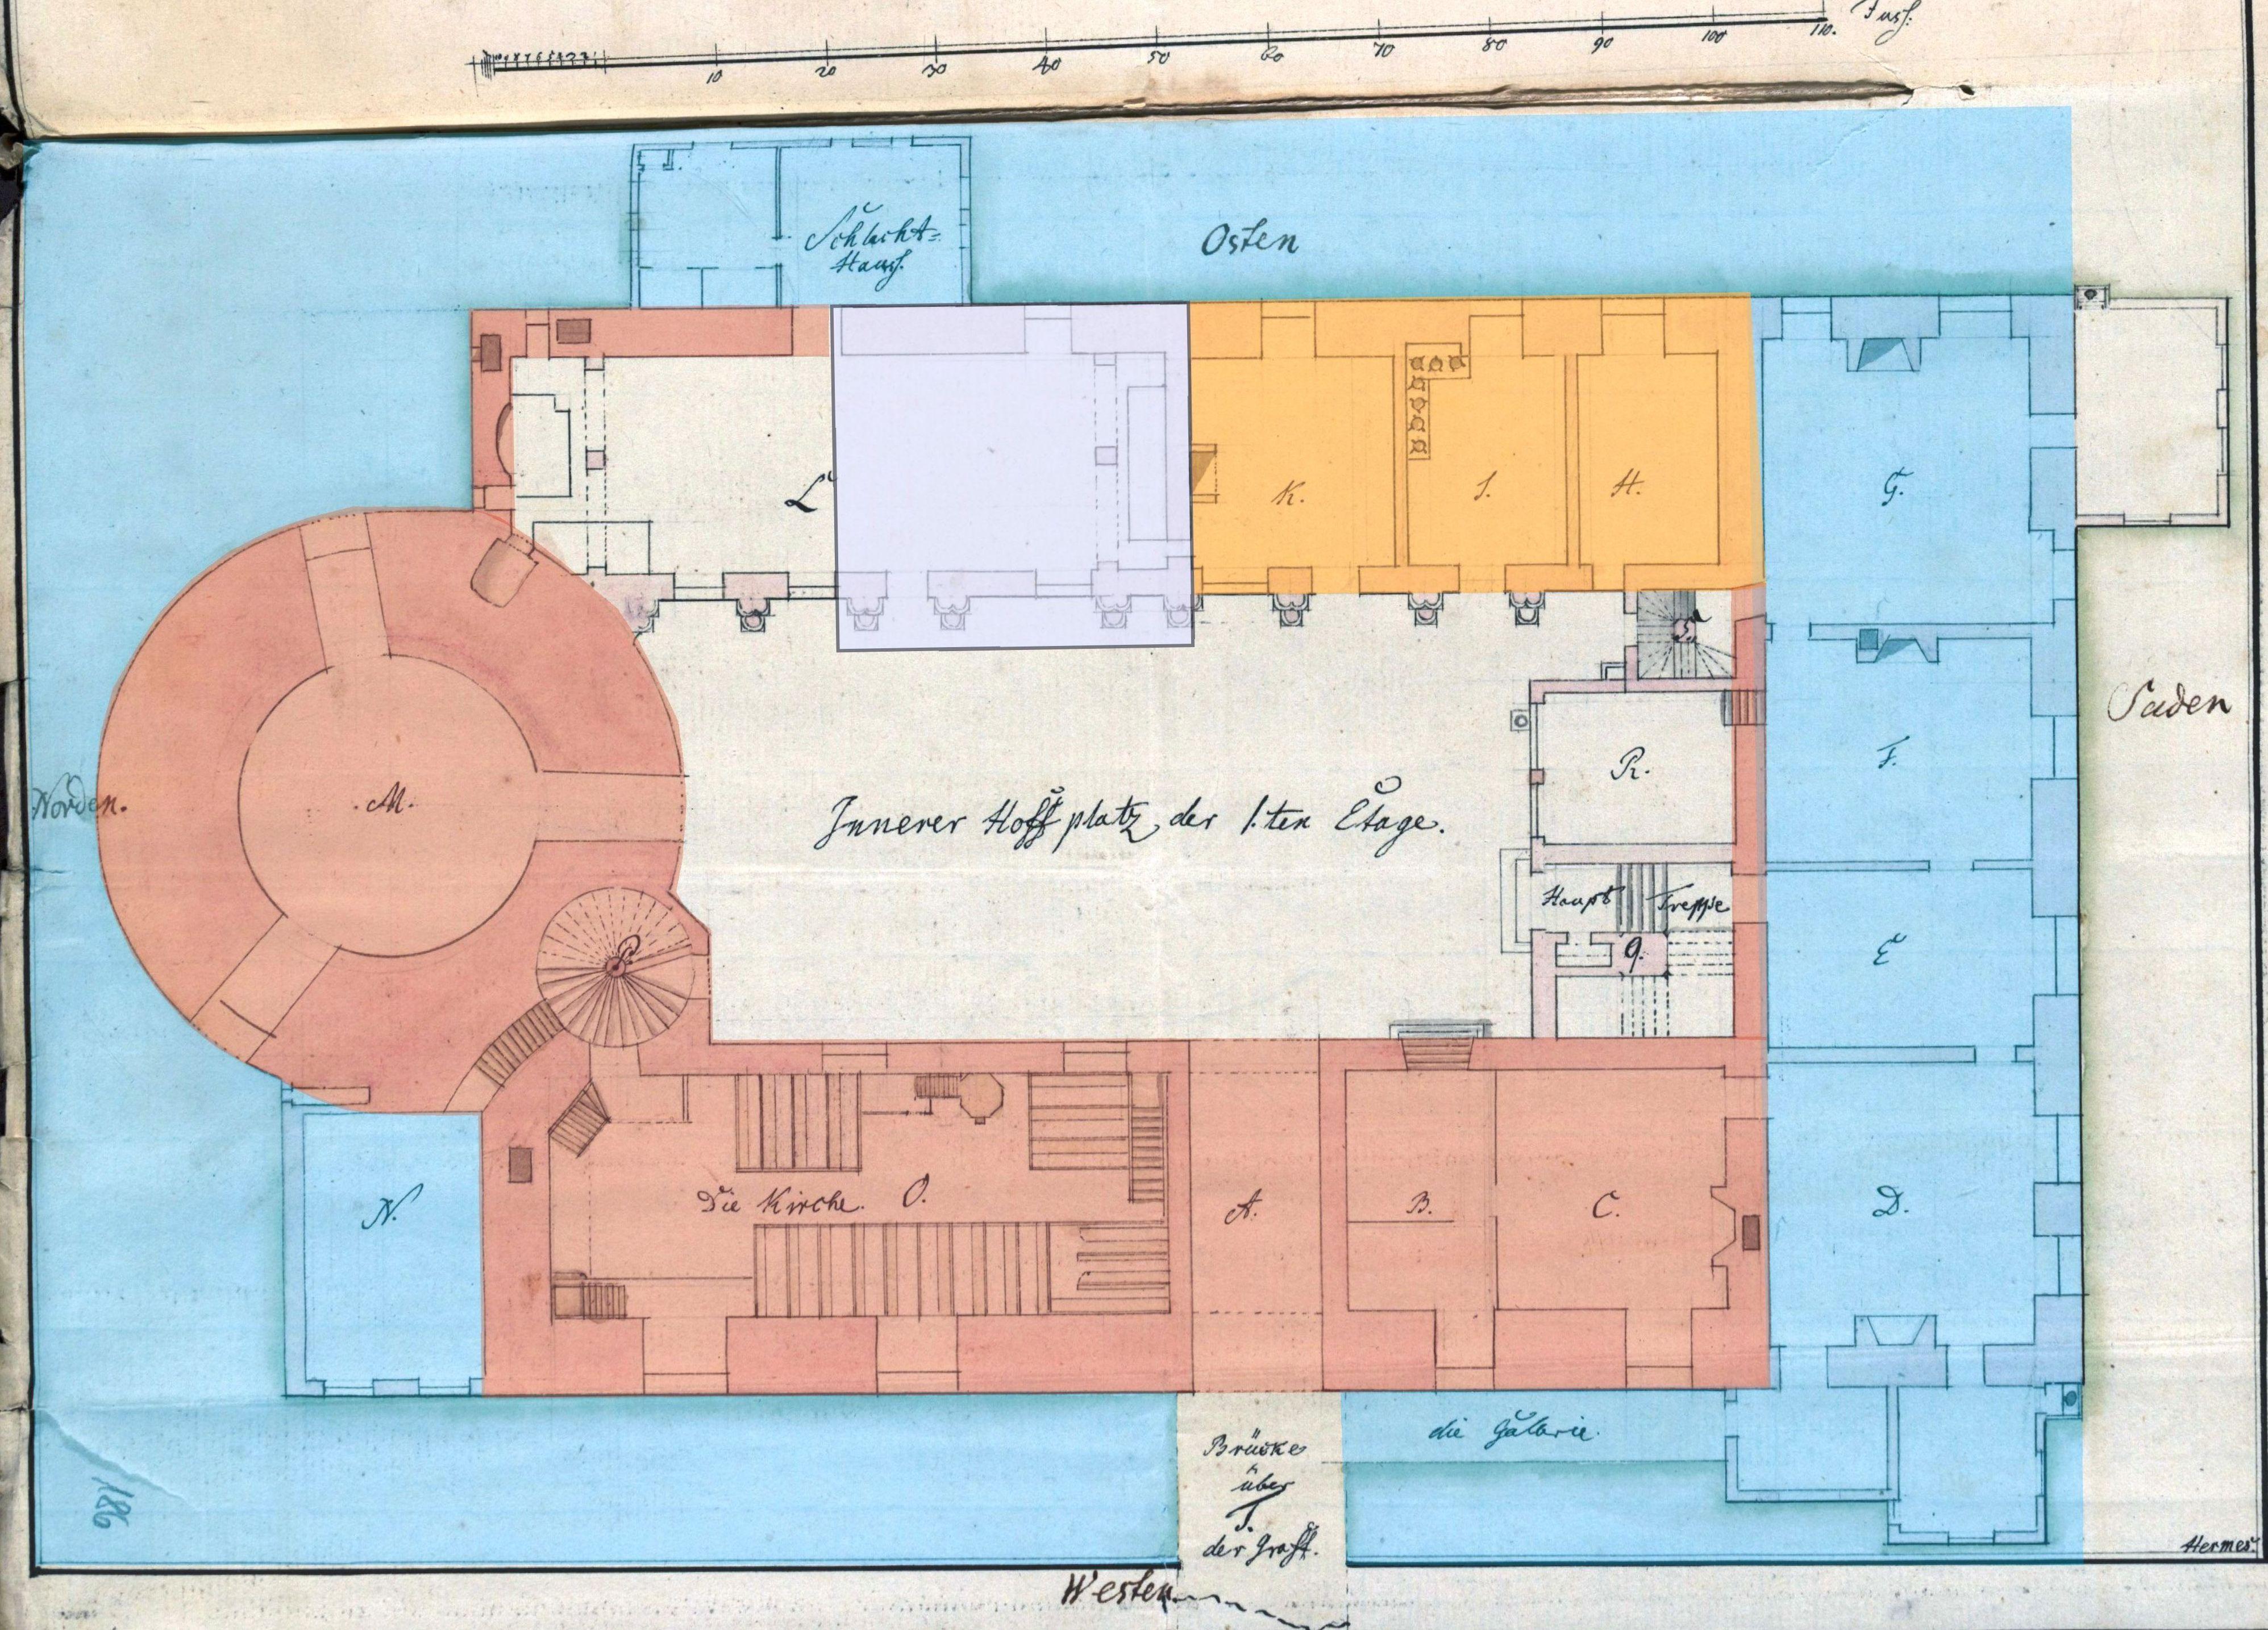 schloss-berum-und-seine-vorgangerbauten-etage-1